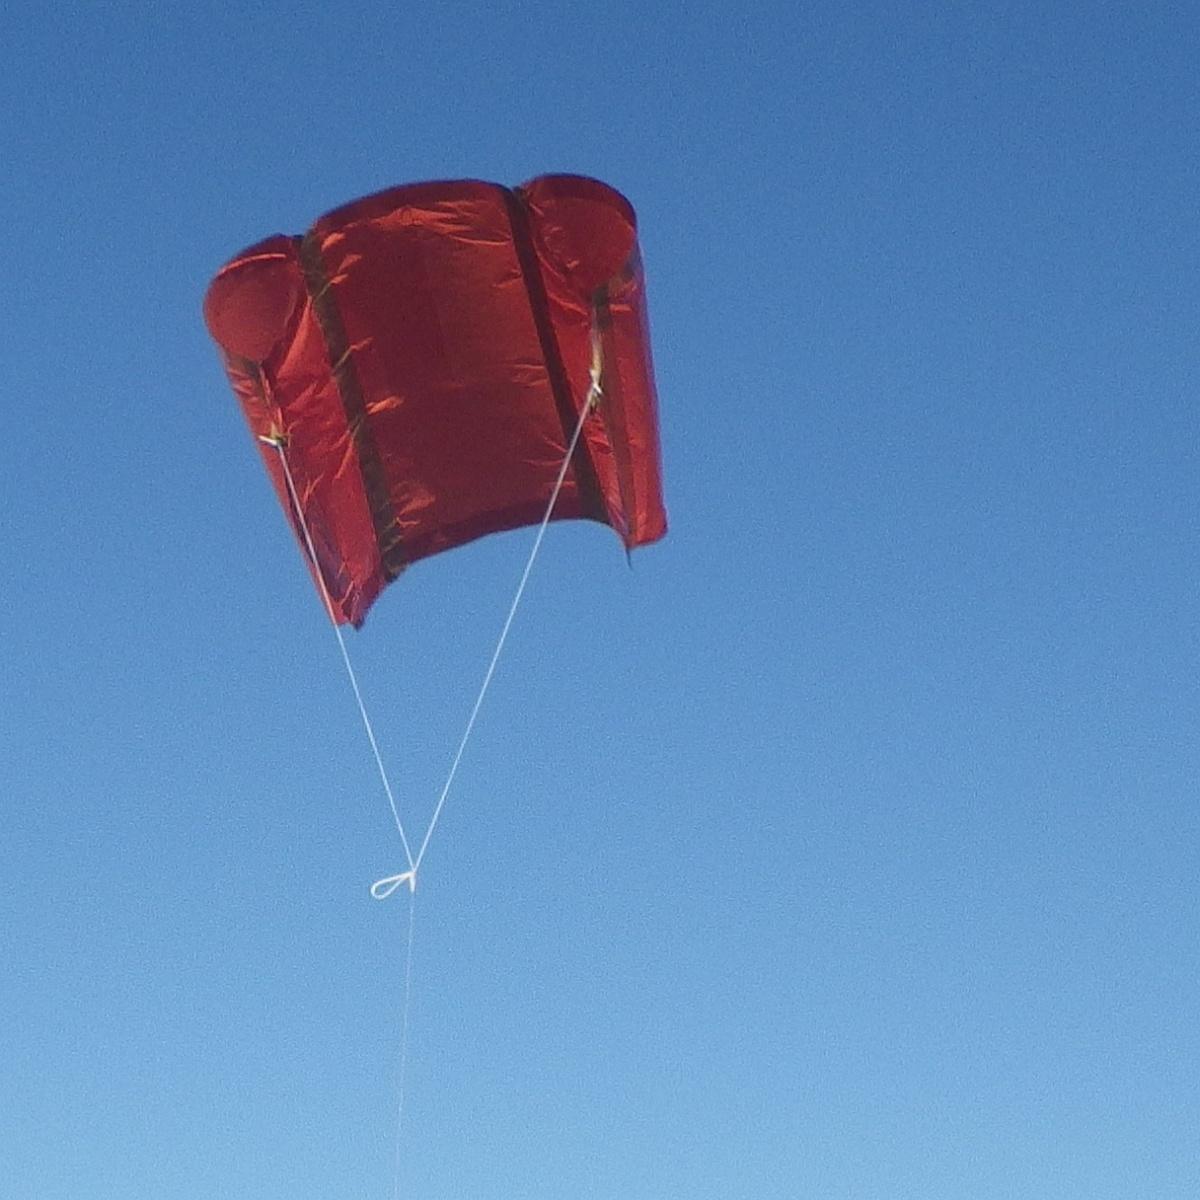 MBK Soft Sled kite 1 - 3.